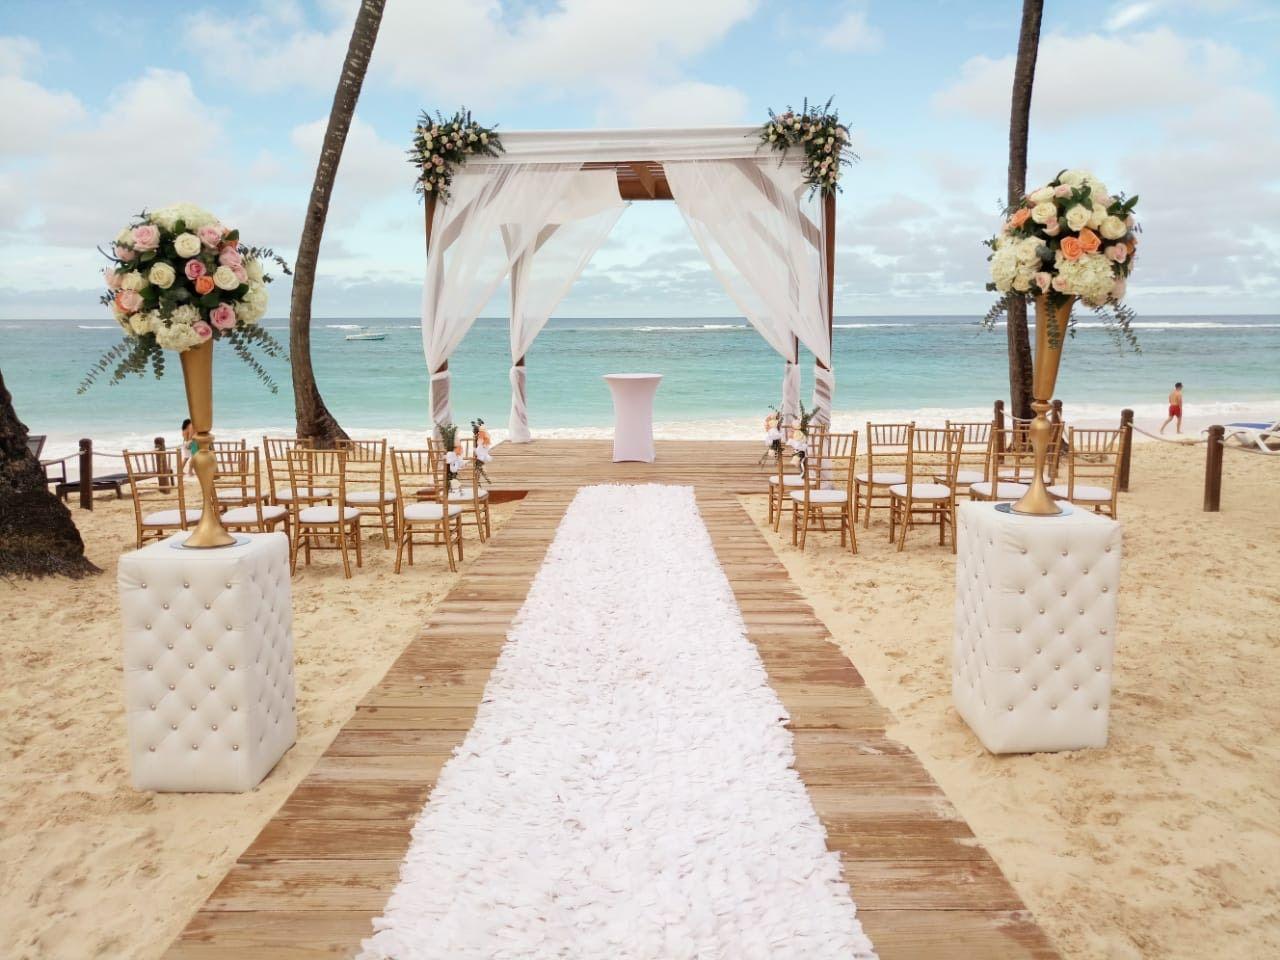 Beach Gazebo Ceremony With Add On Pillars Punta Cana Beach Punta Cana Wedding Royalton Punta Cana